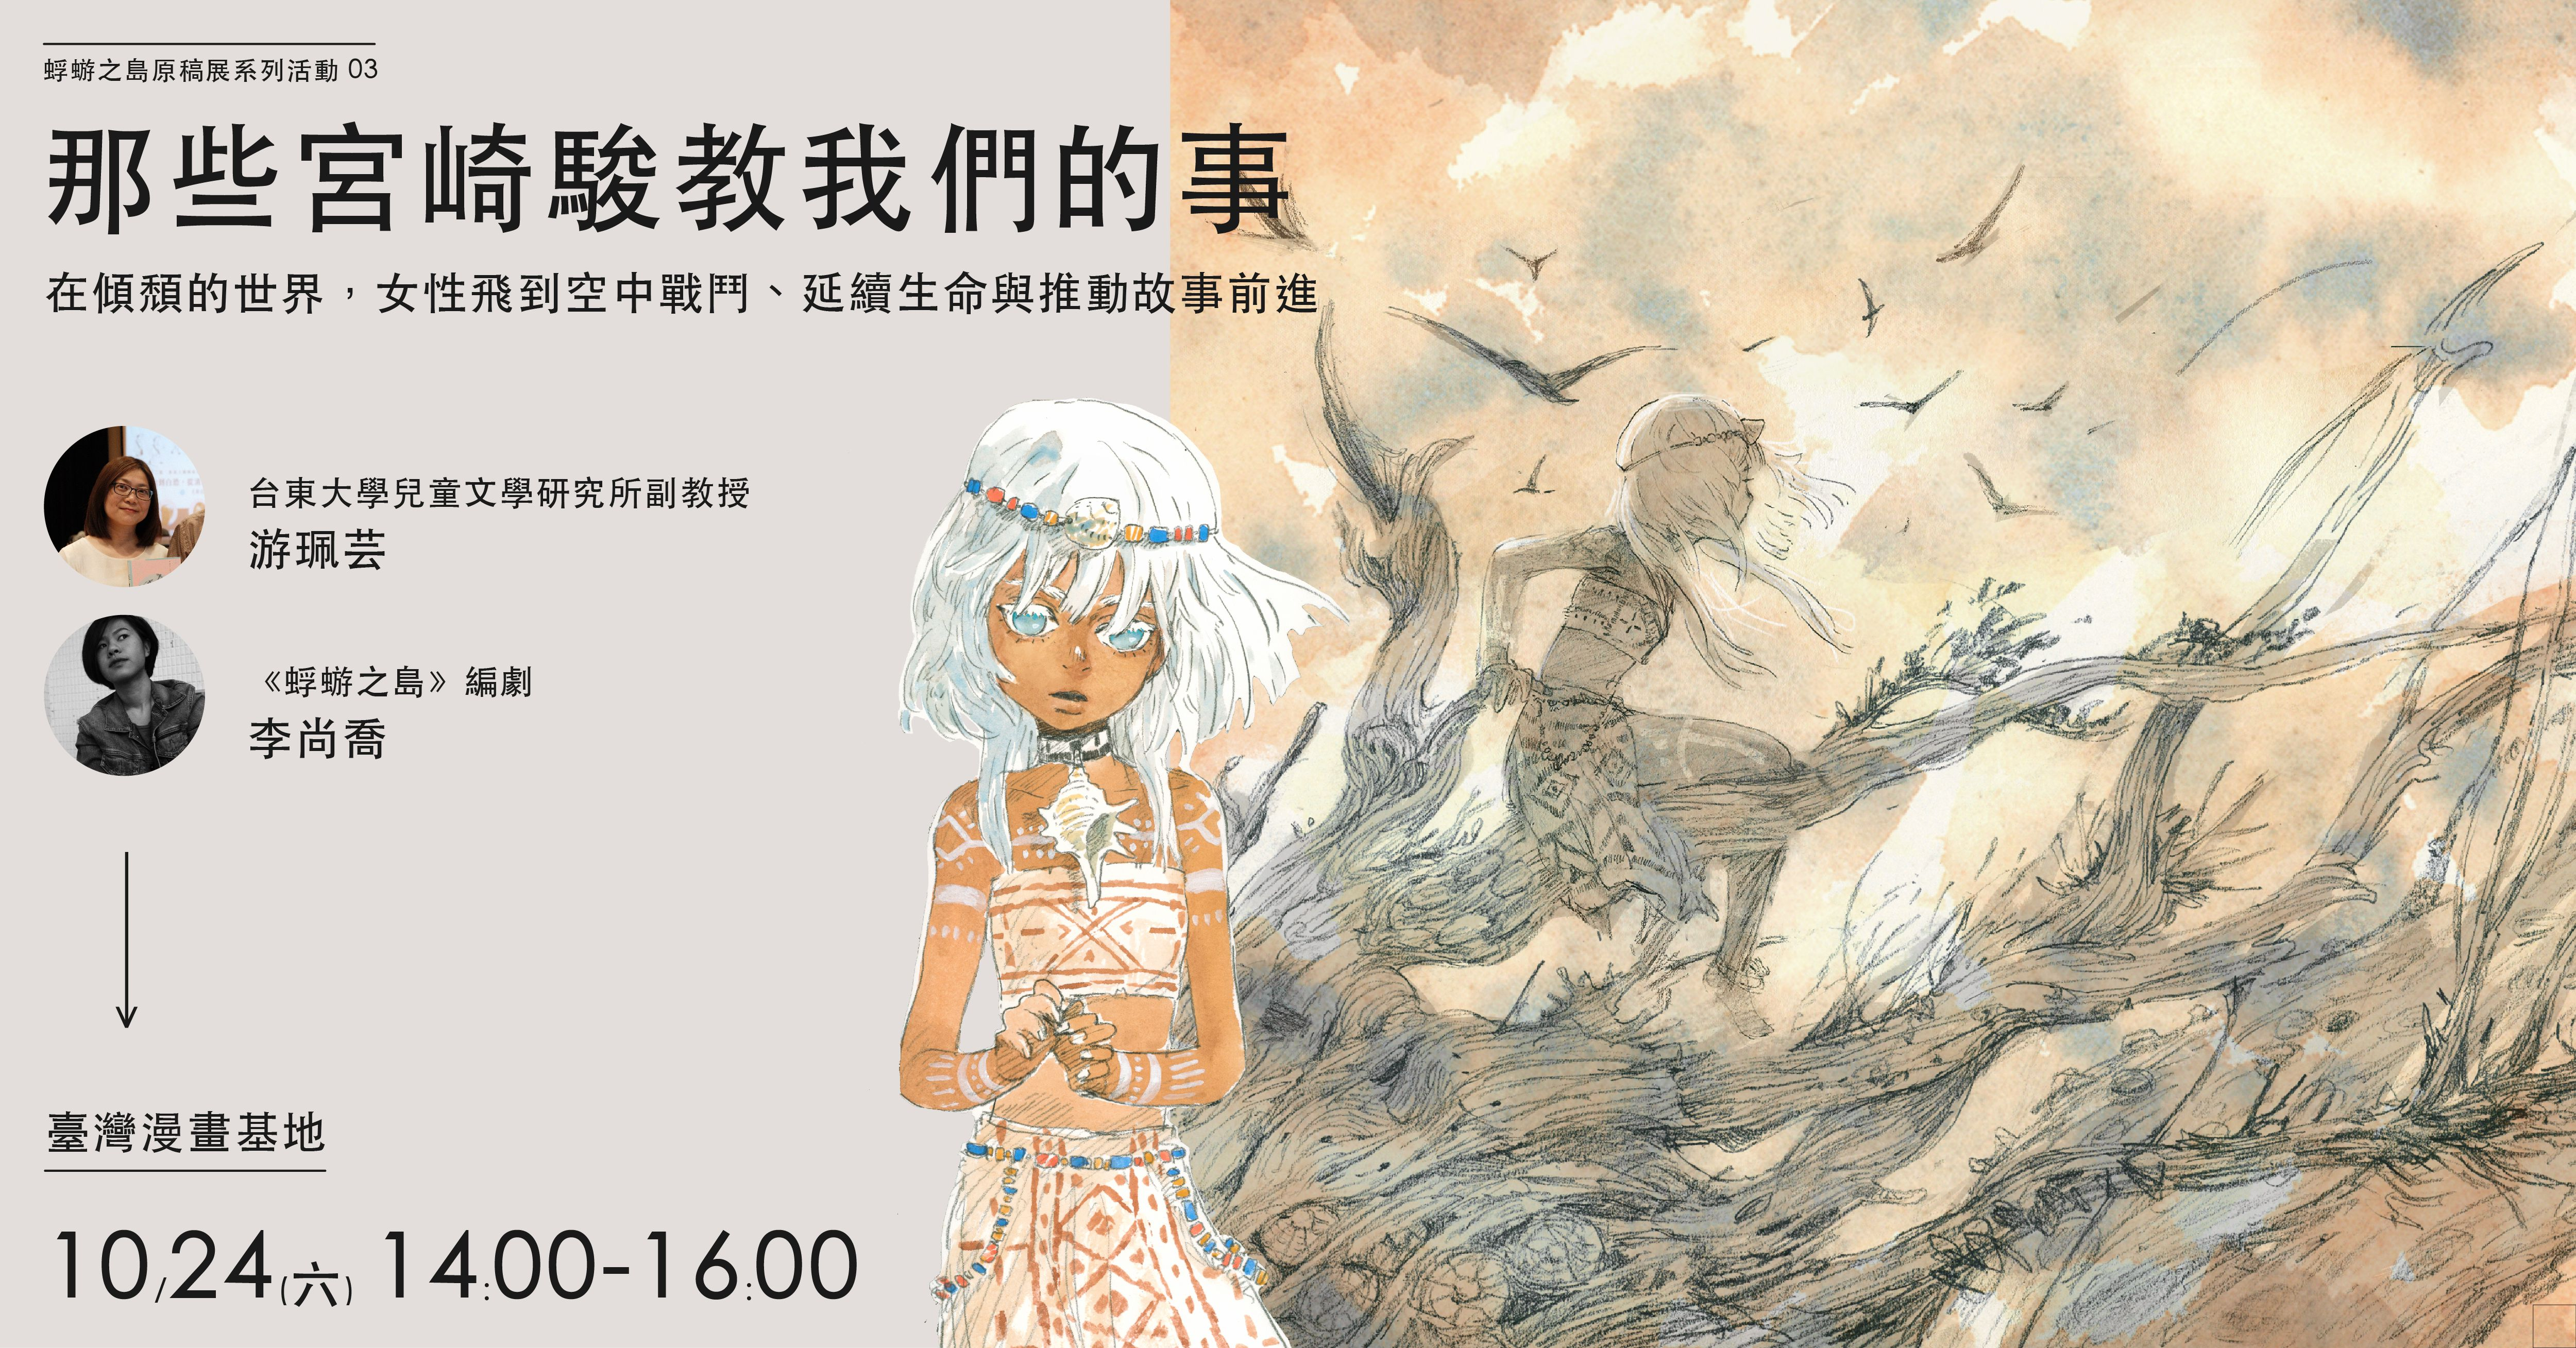 《蜉蝣之島》原稿展系列講座3——那些宮崎駿教我們的事